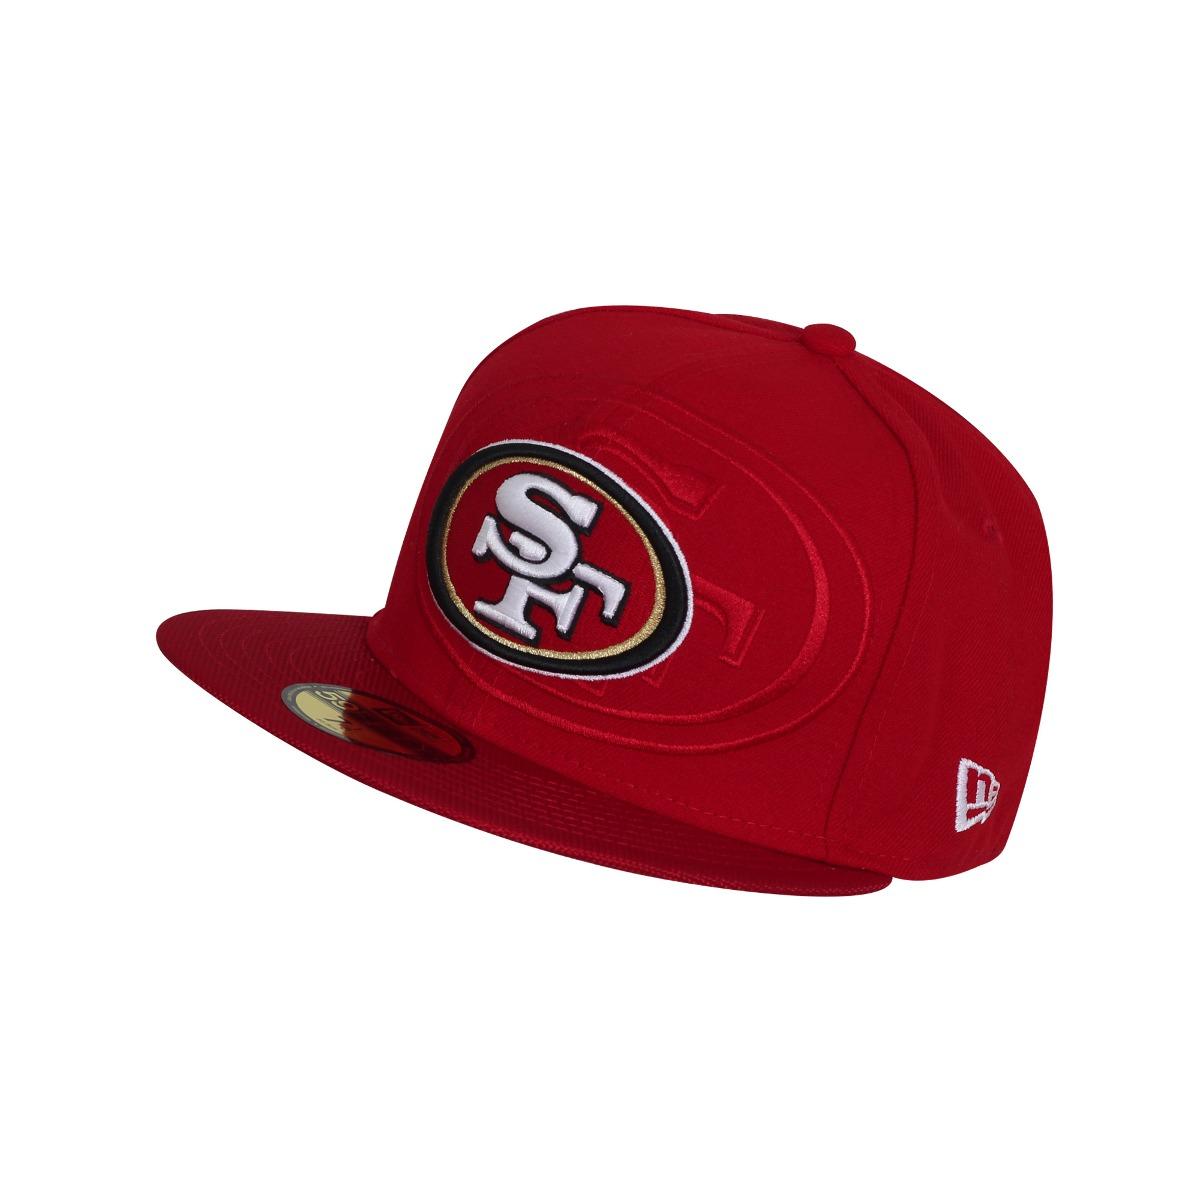 Gorra New Era Nfl 59fifty San Francisco 49ers-rojo -   629.00 en ... ead9d8fcfdc